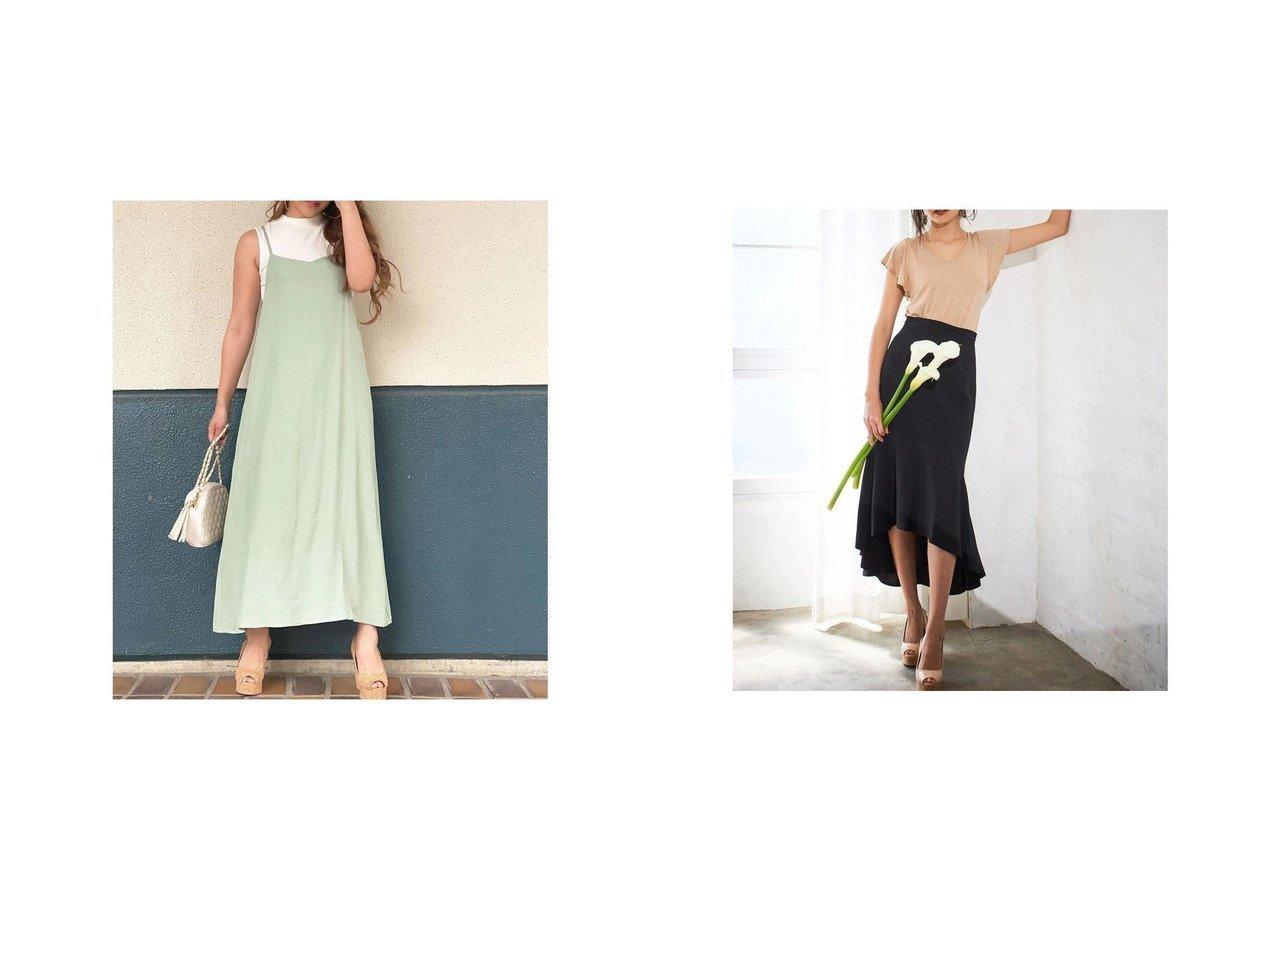 【DURAS/デュラス】のバックスリットキャミワンピース&マーメイドテールスカート おすすめ!人気トレンド・レディースファッション通販 おすすめで人気の流行・トレンド、ファッションの通販商品 インテリア・家具・メンズファッション・キッズファッション・レディースファッション・服の通販 founy(ファニー) https://founy.com/ ファッション Fashion レディースファッション WOMEN ワンピース Dress キャミワンピース No Sleeve Dresses スカート Skirt 2021年 2021 2021春夏・S/S SS/Spring/Summer/2021 S/S・春夏 SS・Spring/Summer キャミワンピース スリット ラップ ロング 夏 Summer 春 Spring |ID:crp329100000054554